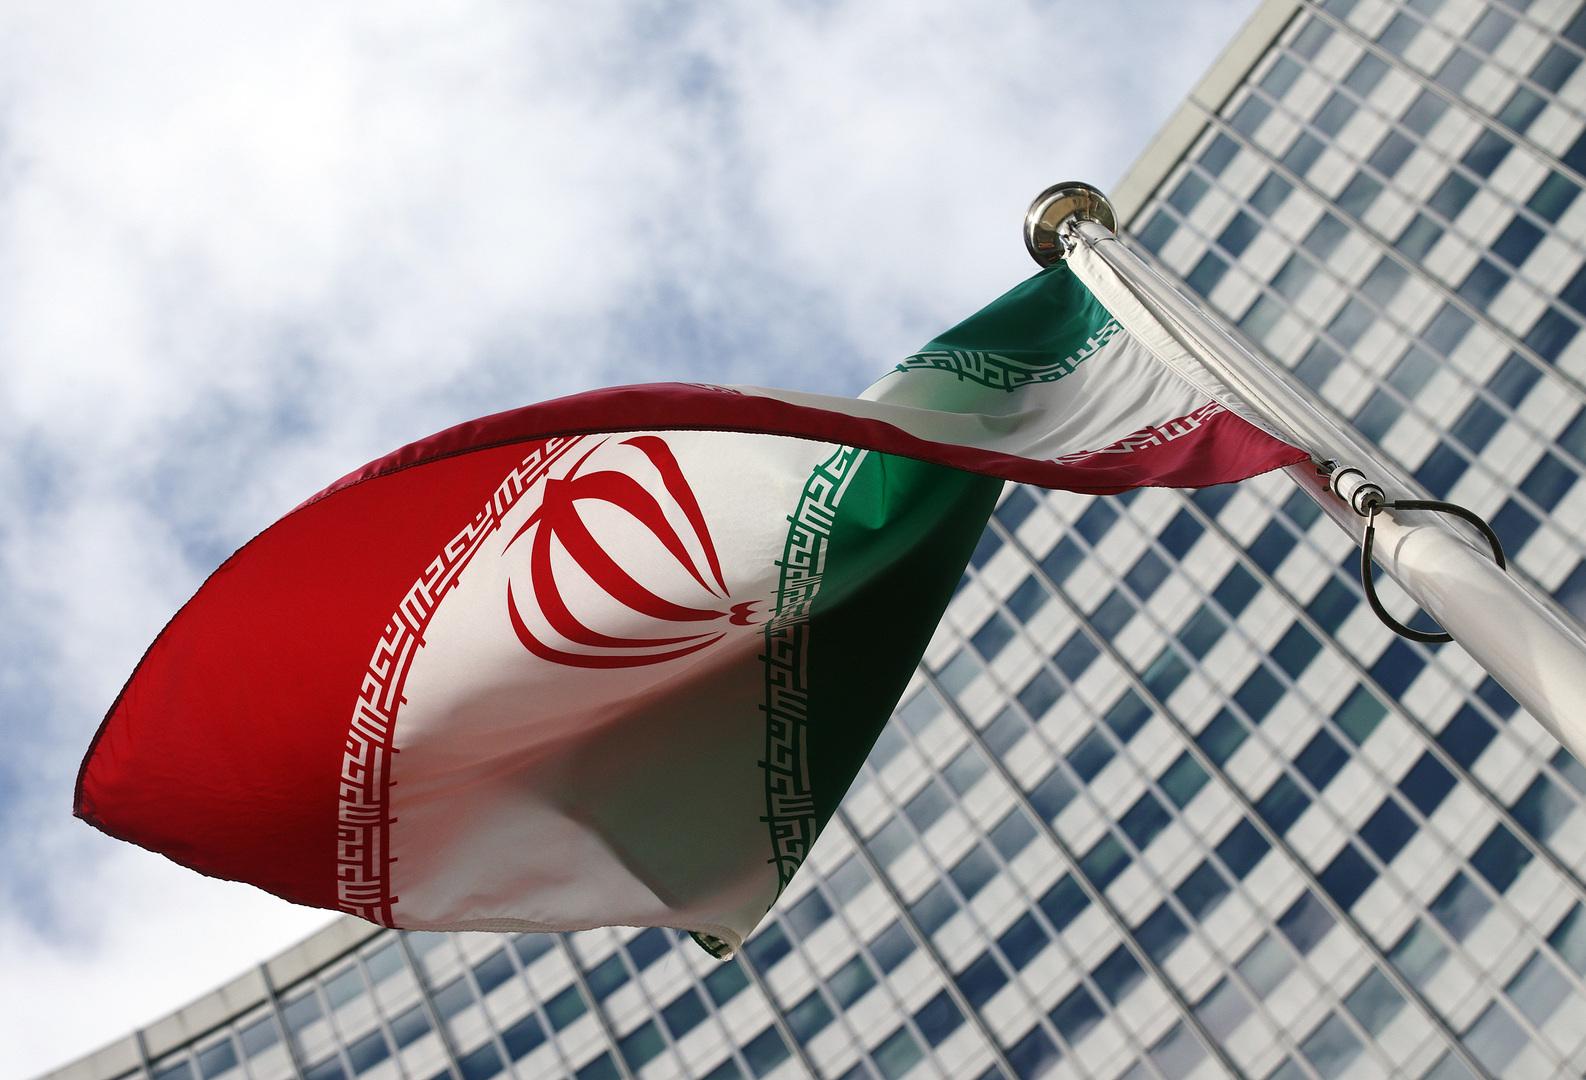 إيران تسمح للمفتشين الدوليين بالوصول إلى كاميرات المراقبة في مواقعها النووية